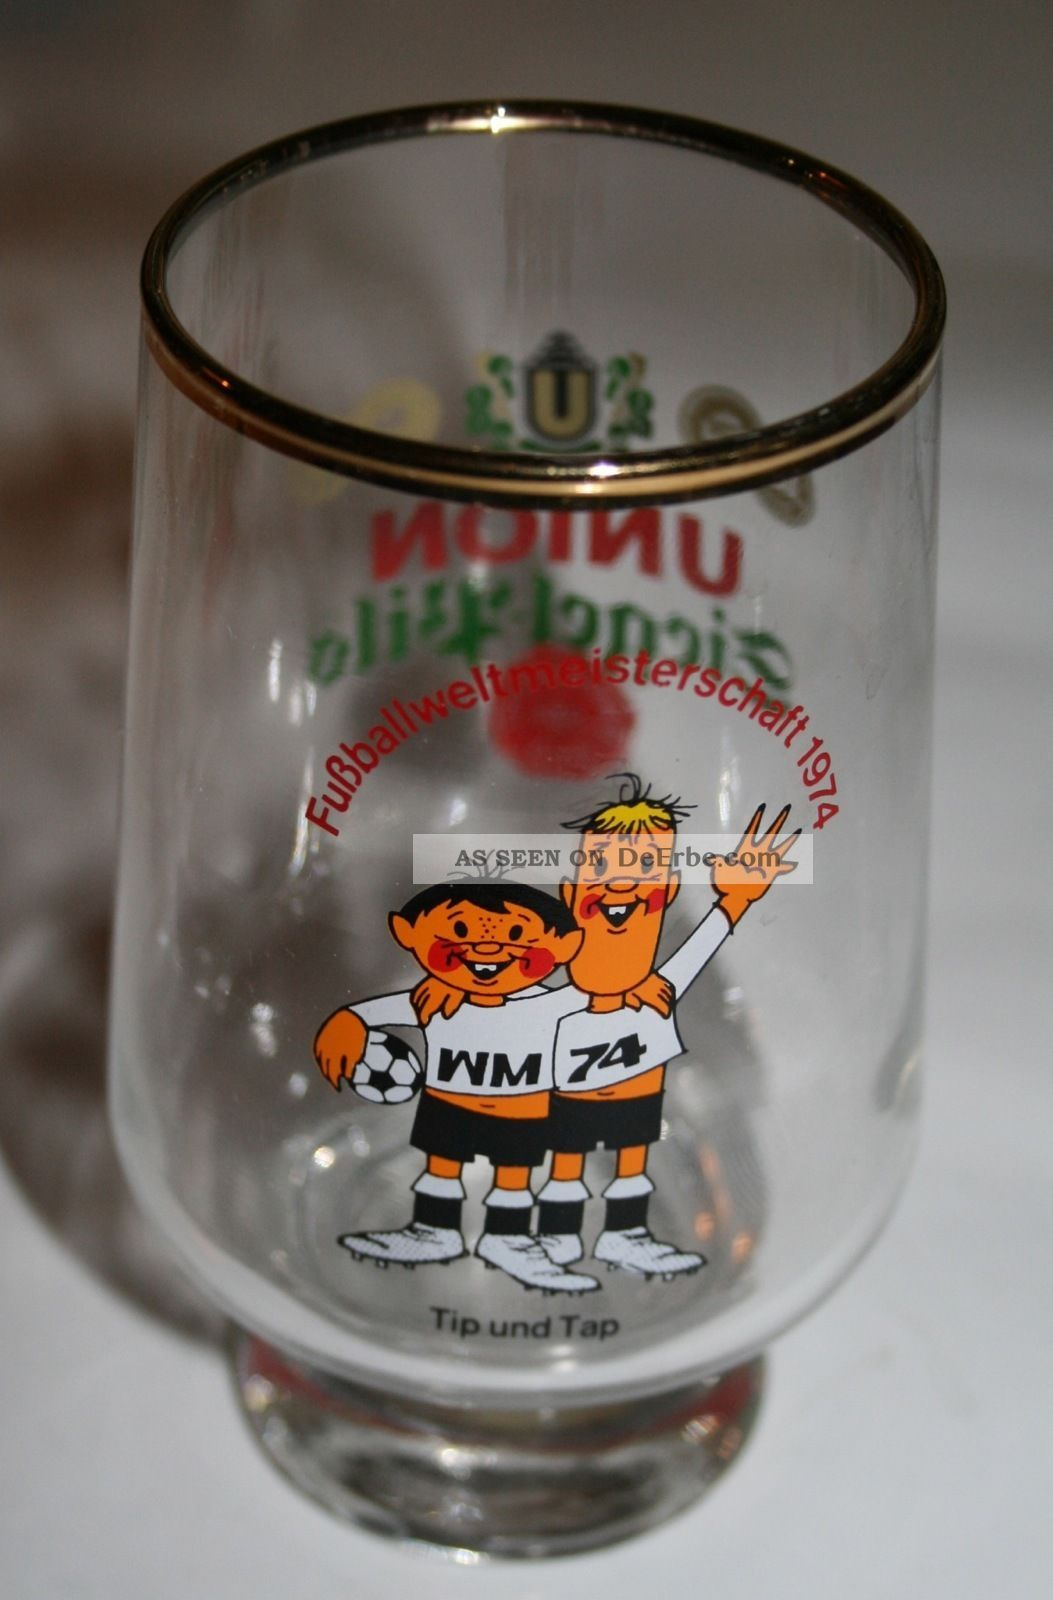 70er Jahre Glas Bierglas Tip Und Tap Fußball Wm 1974 Dortmunder Siegel - Pils 1970-1979 Bild